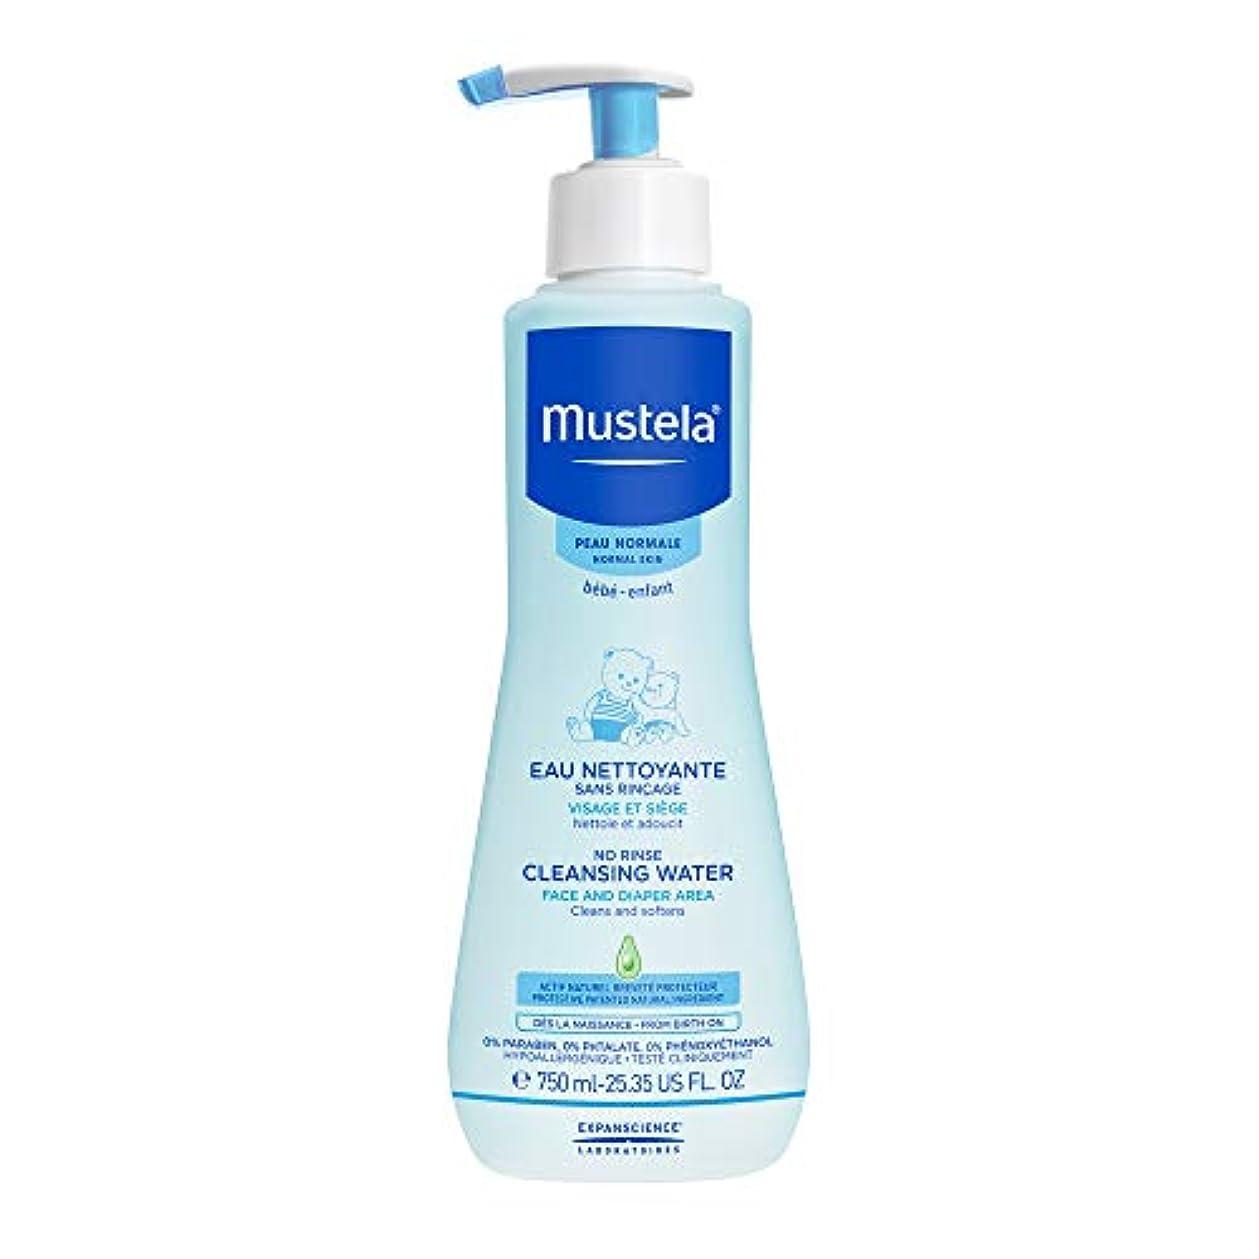 月面贅沢な構成ムステラ No Rinse Cleansing Water (Face & Diaper Area) - For Normal Skin 750ml/25.35oz並行輸入品